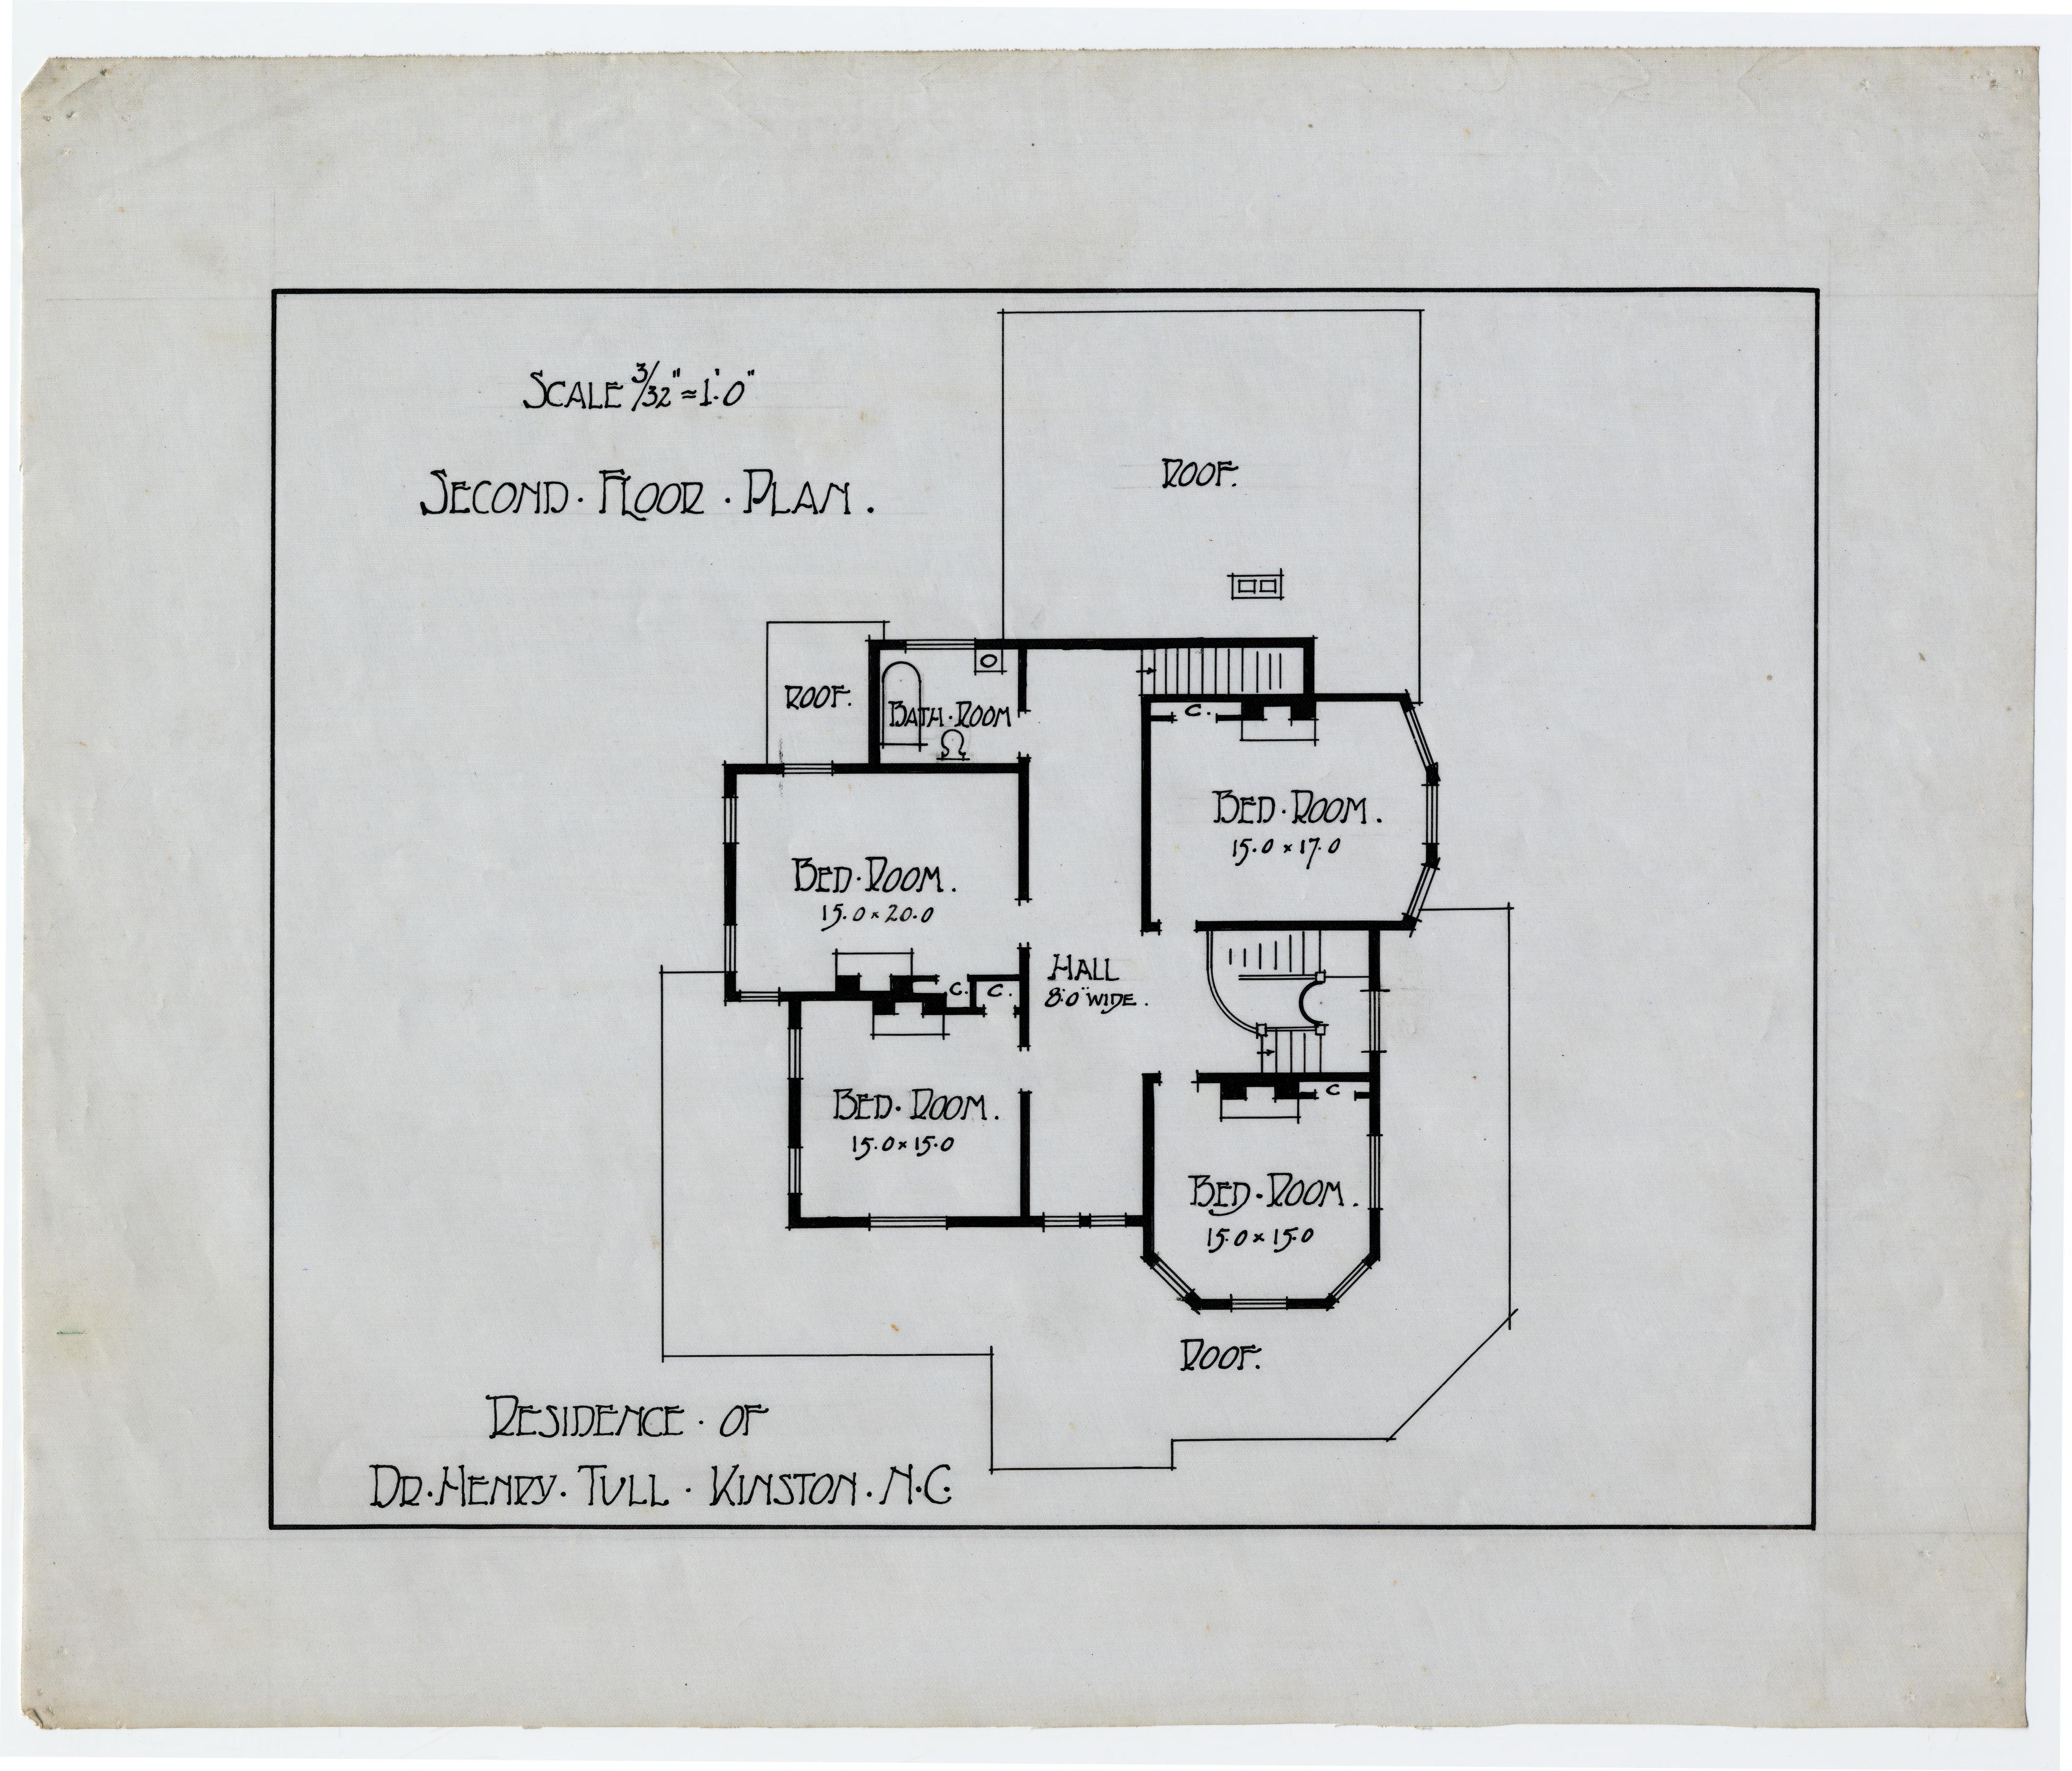 Second Floor Plan Henry Tull House Kinston N C